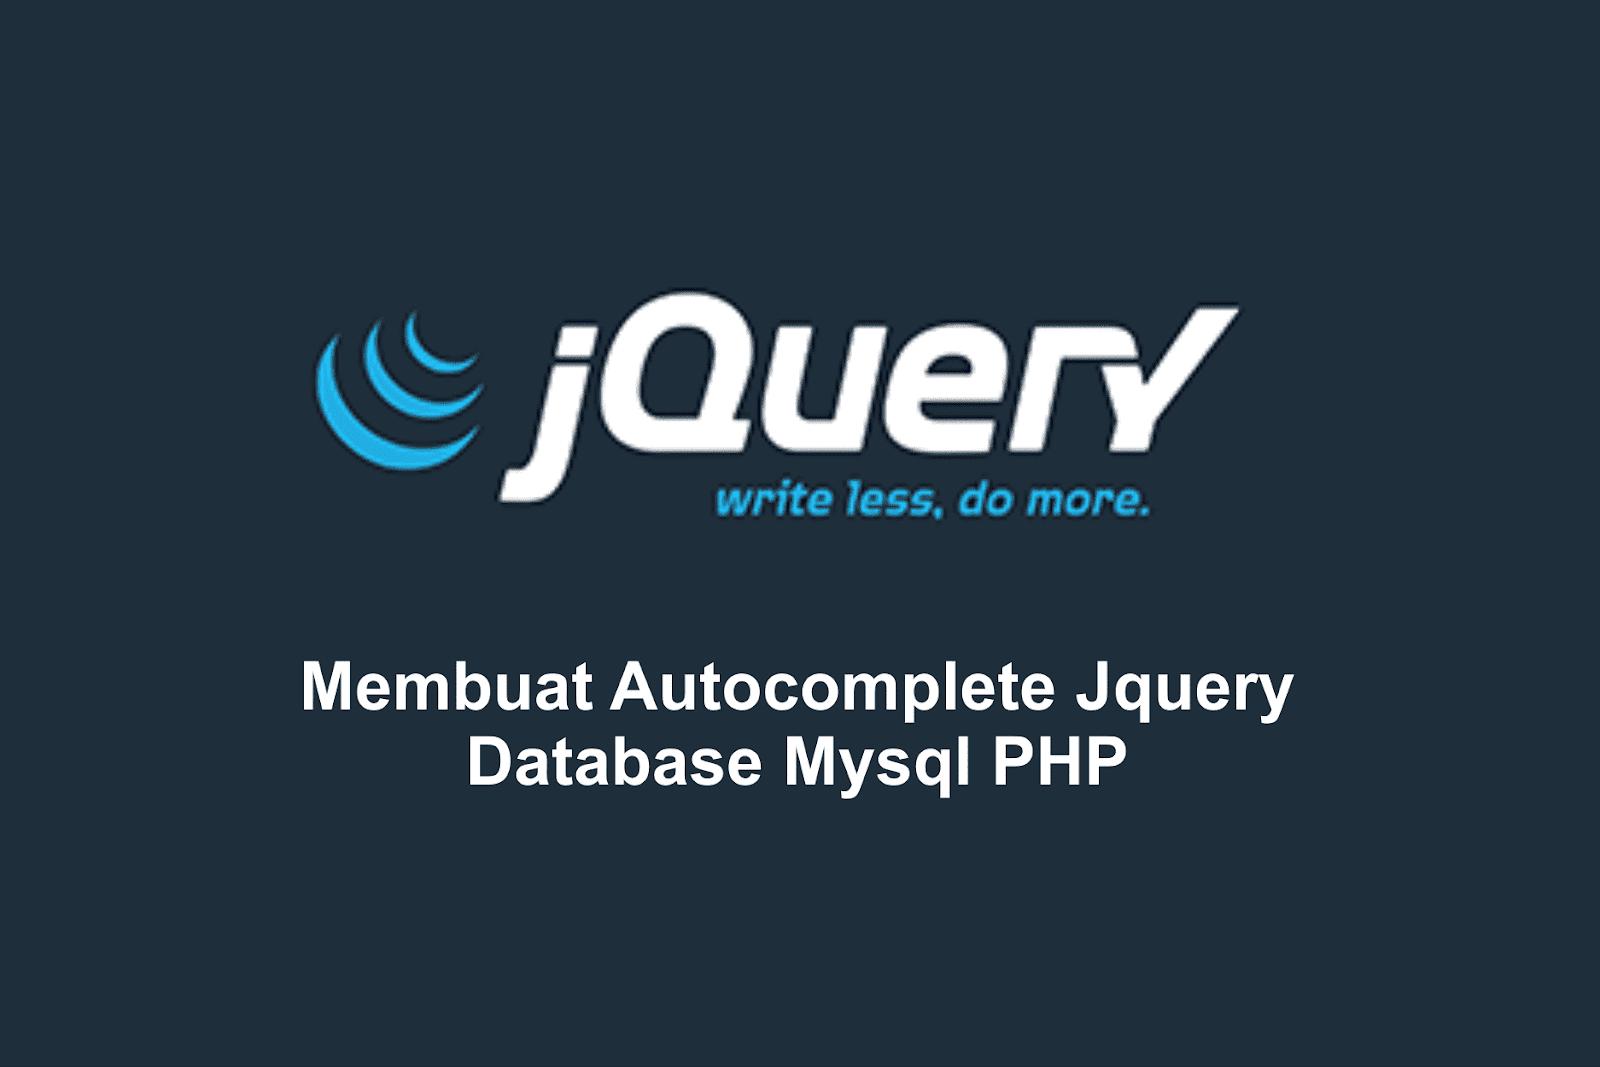 Membuat Autocomplete Dengan Jquery Mysql Dan Php Mari Belajar Coding